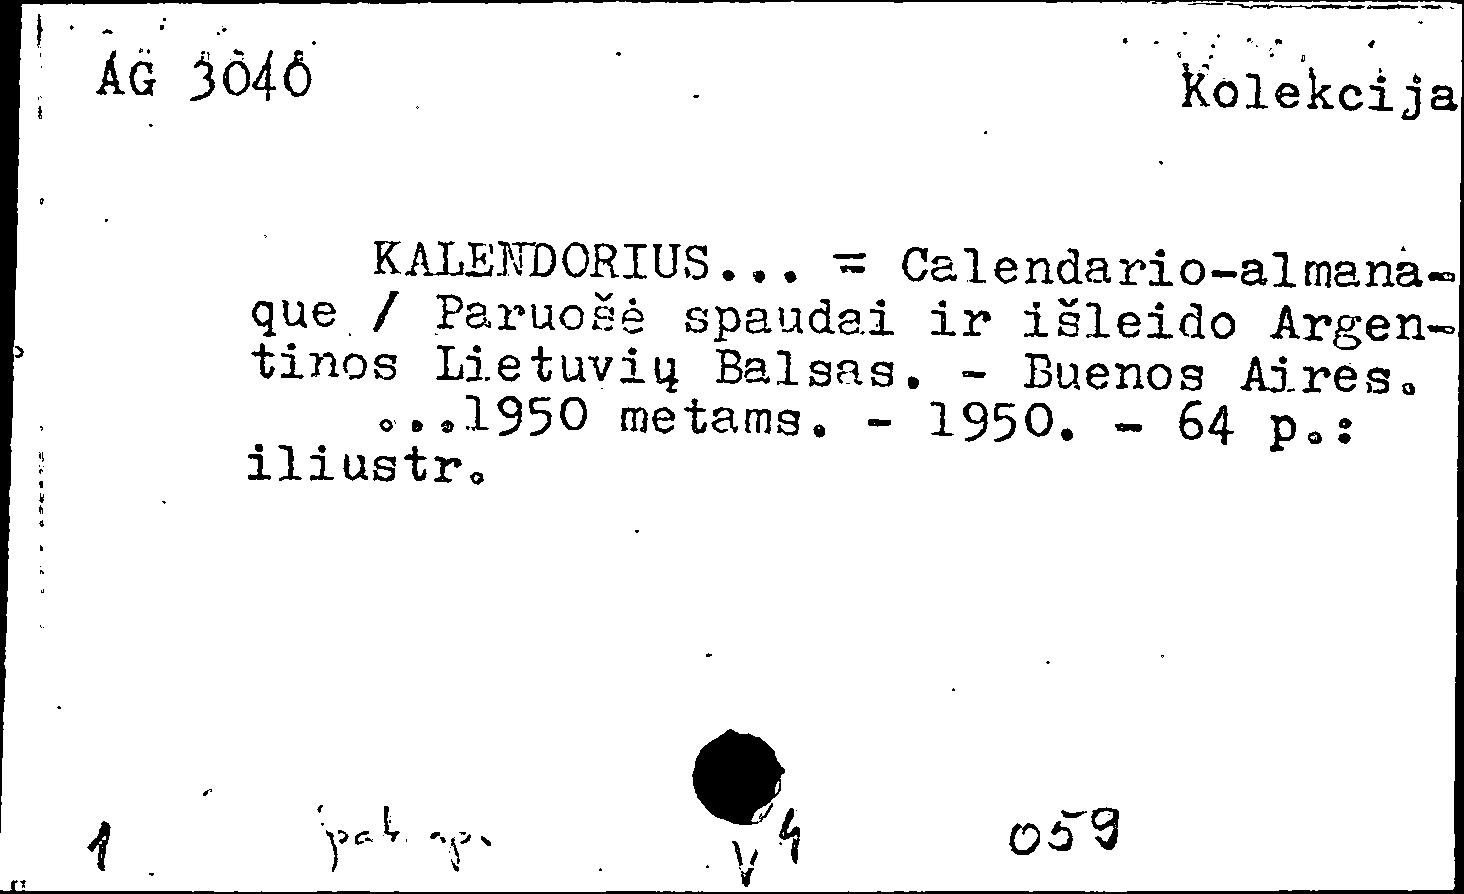 Calendario 1950.Vilniaus Universiteto Biblioteka Kortelių Vaizdų Katalogas